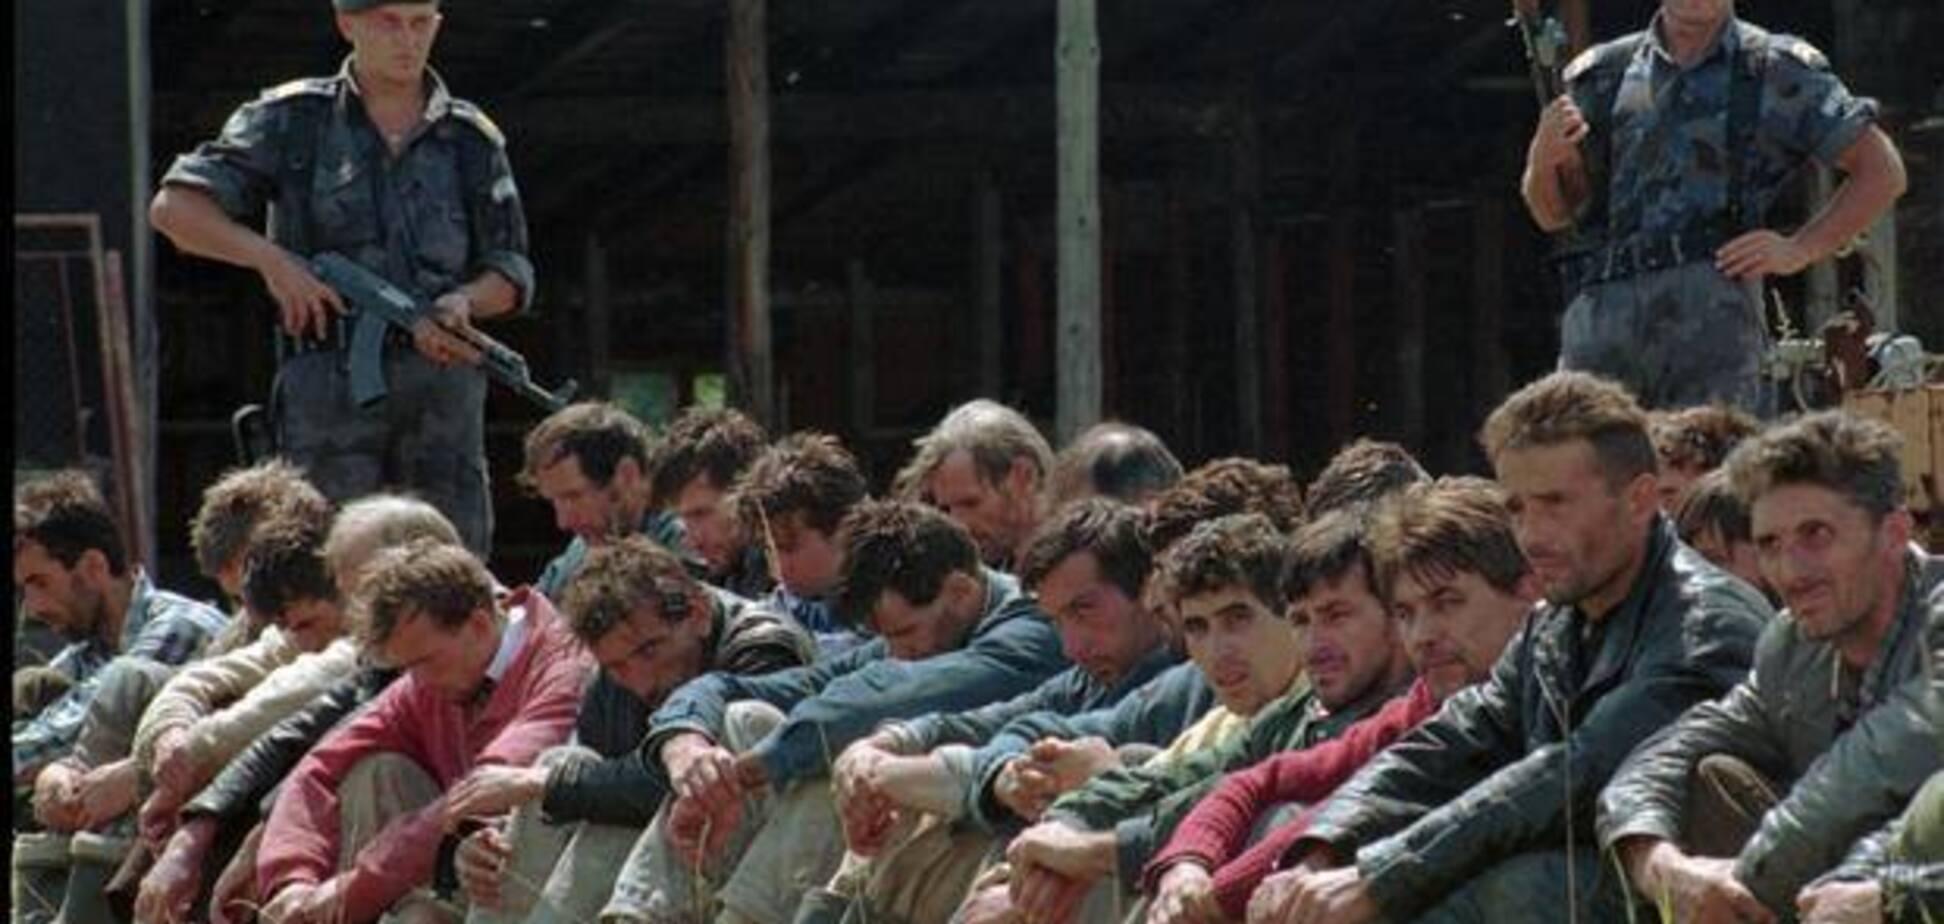 Дії Асада та Путіна в Сирії також буде визнано геноцидом